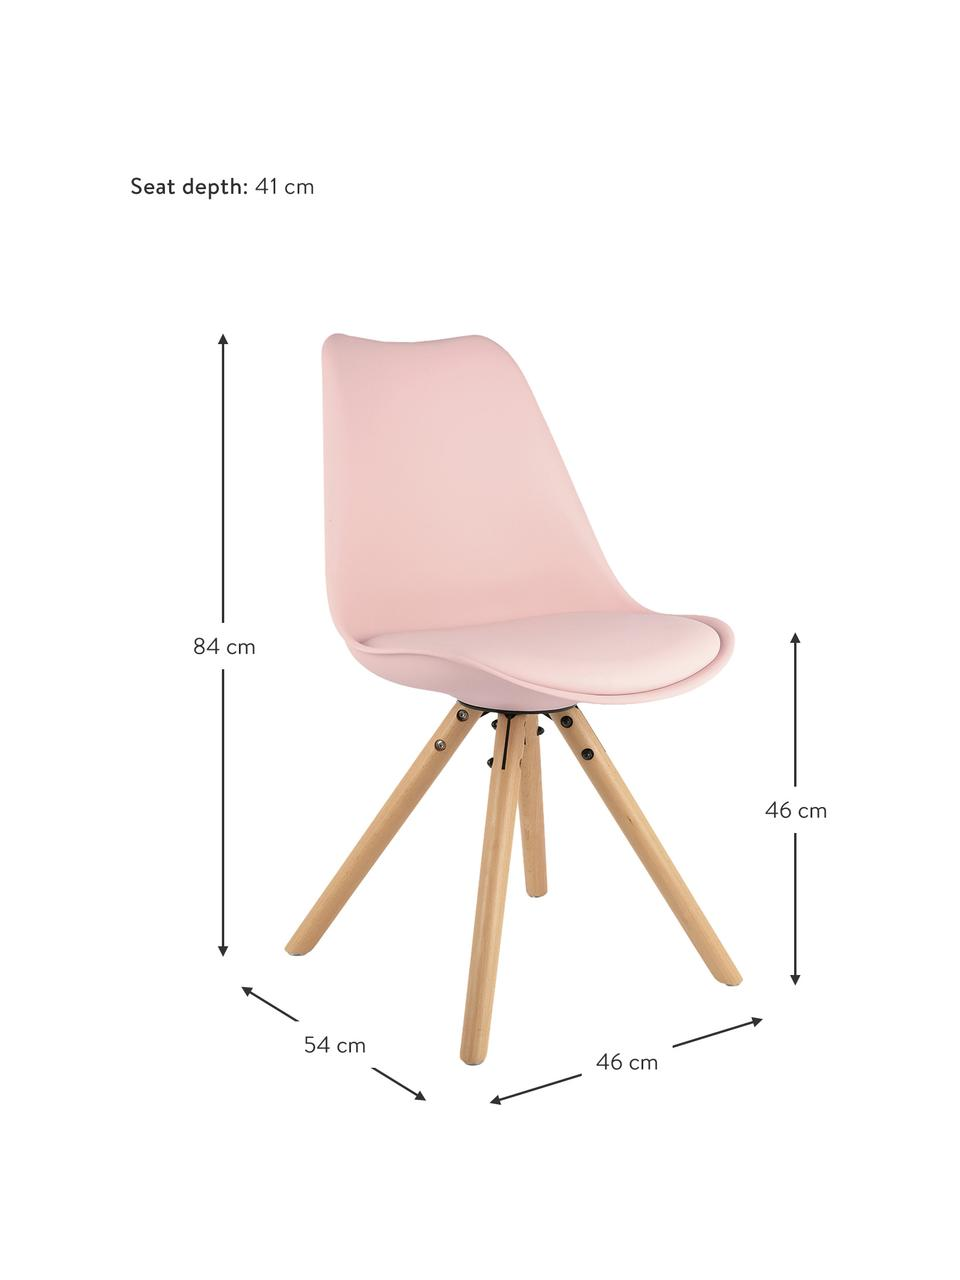 Kunststoffstühle Max in Rosa, 2 Stück, Sitzfläche: Kunstleder (Polyurethan) , Sitzschale: Kunststoff, Beine: Buchenholz, Rosa, B 46 x T 54 cm